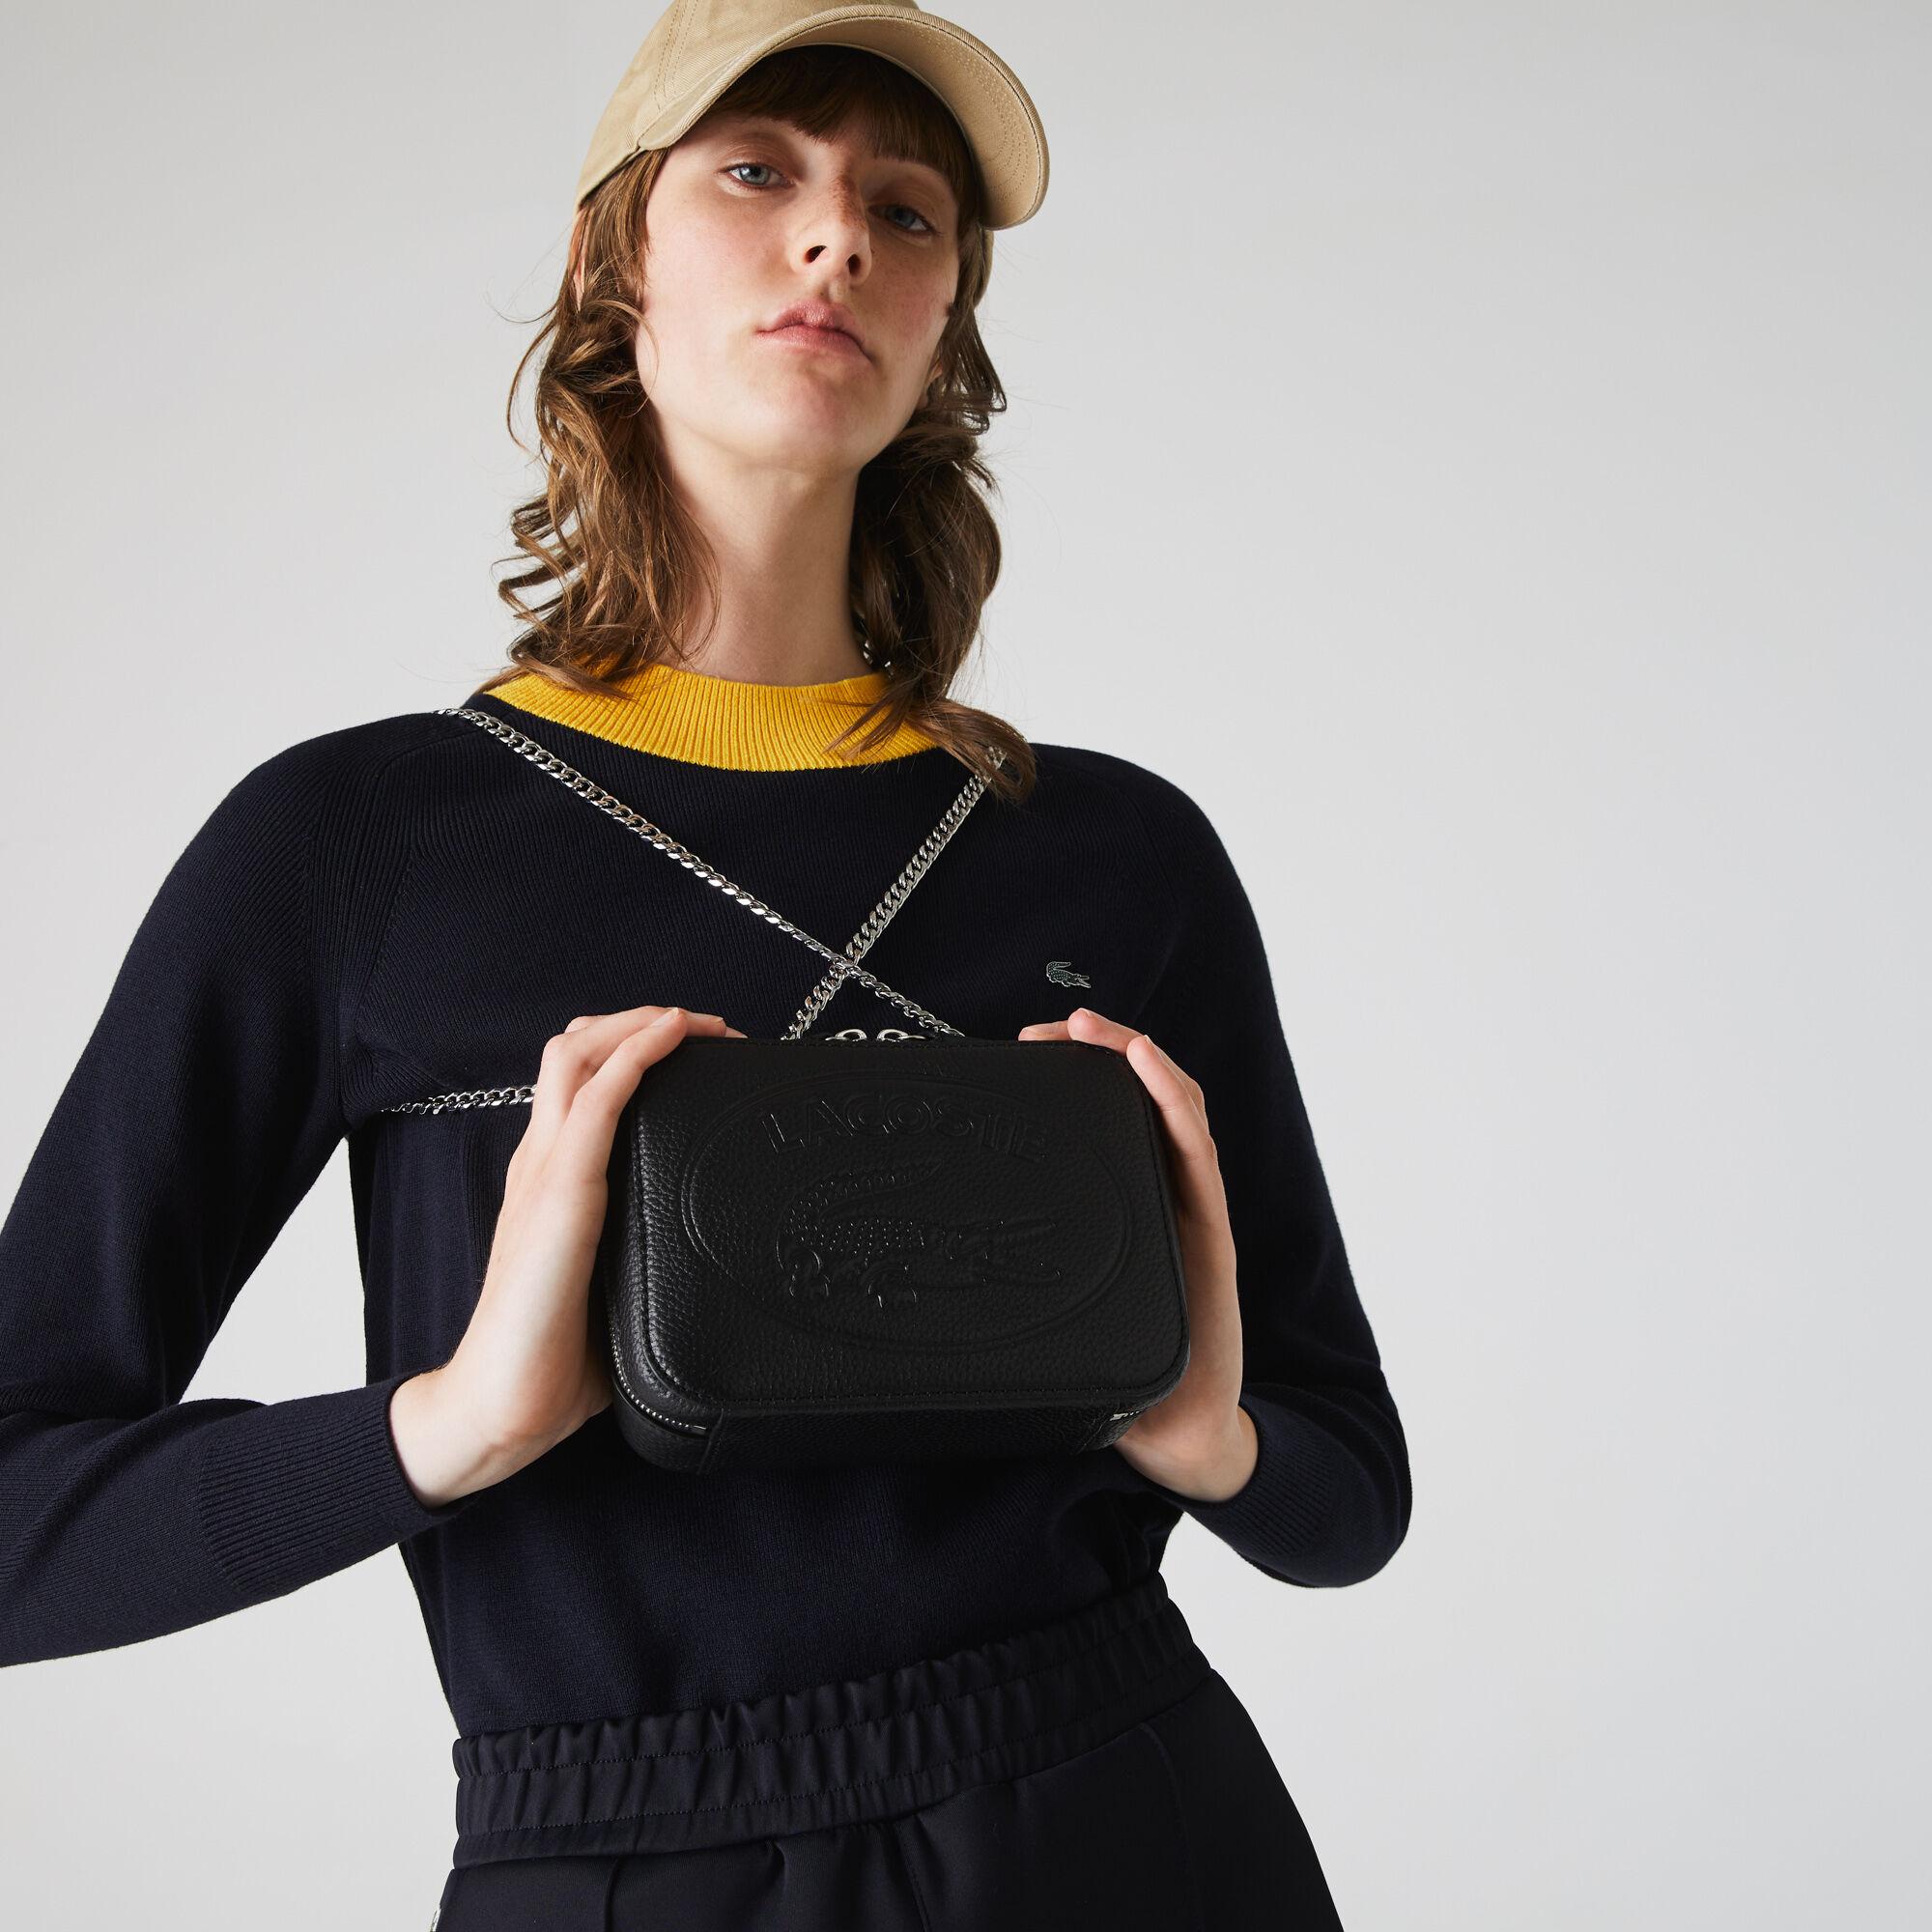 حقيبة على الكتف نسائية بسحاب من الجلد المدبوغ المحبب من مجموعة Croco